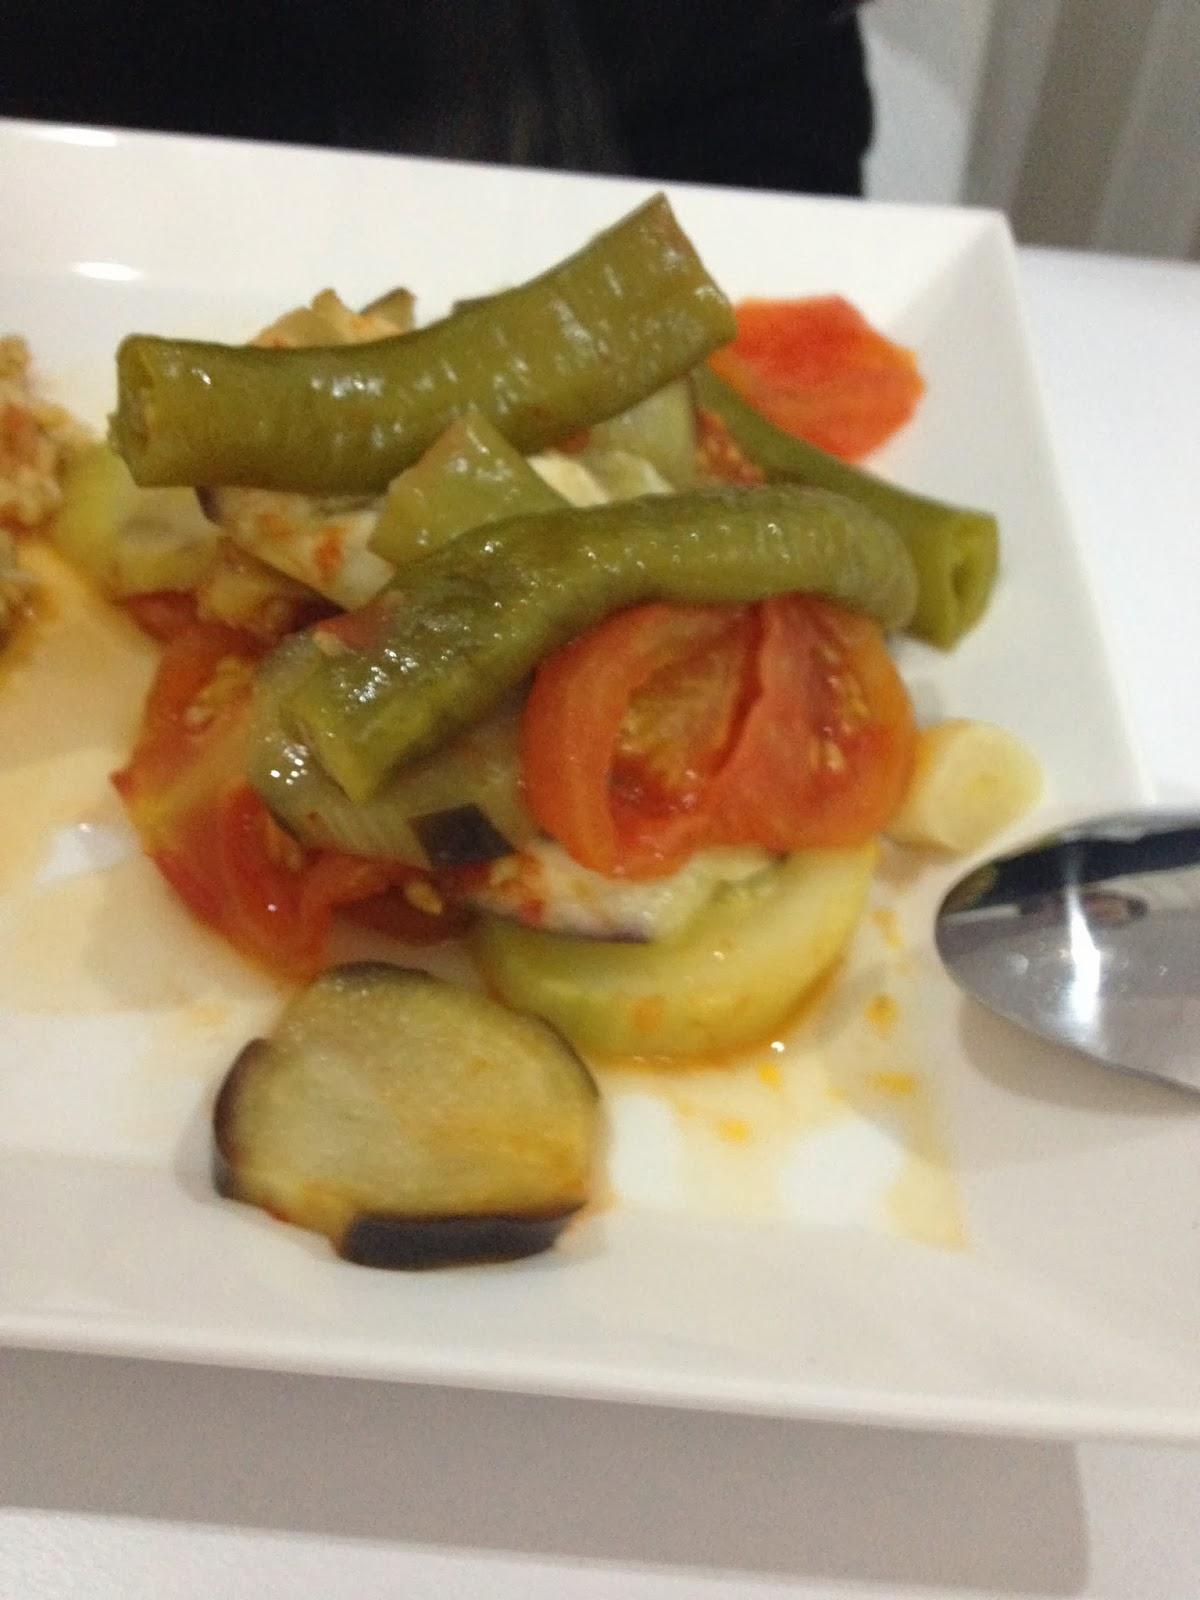 Közlenmiş patlıcan ezmesi ile Etiketlenen Konular 72